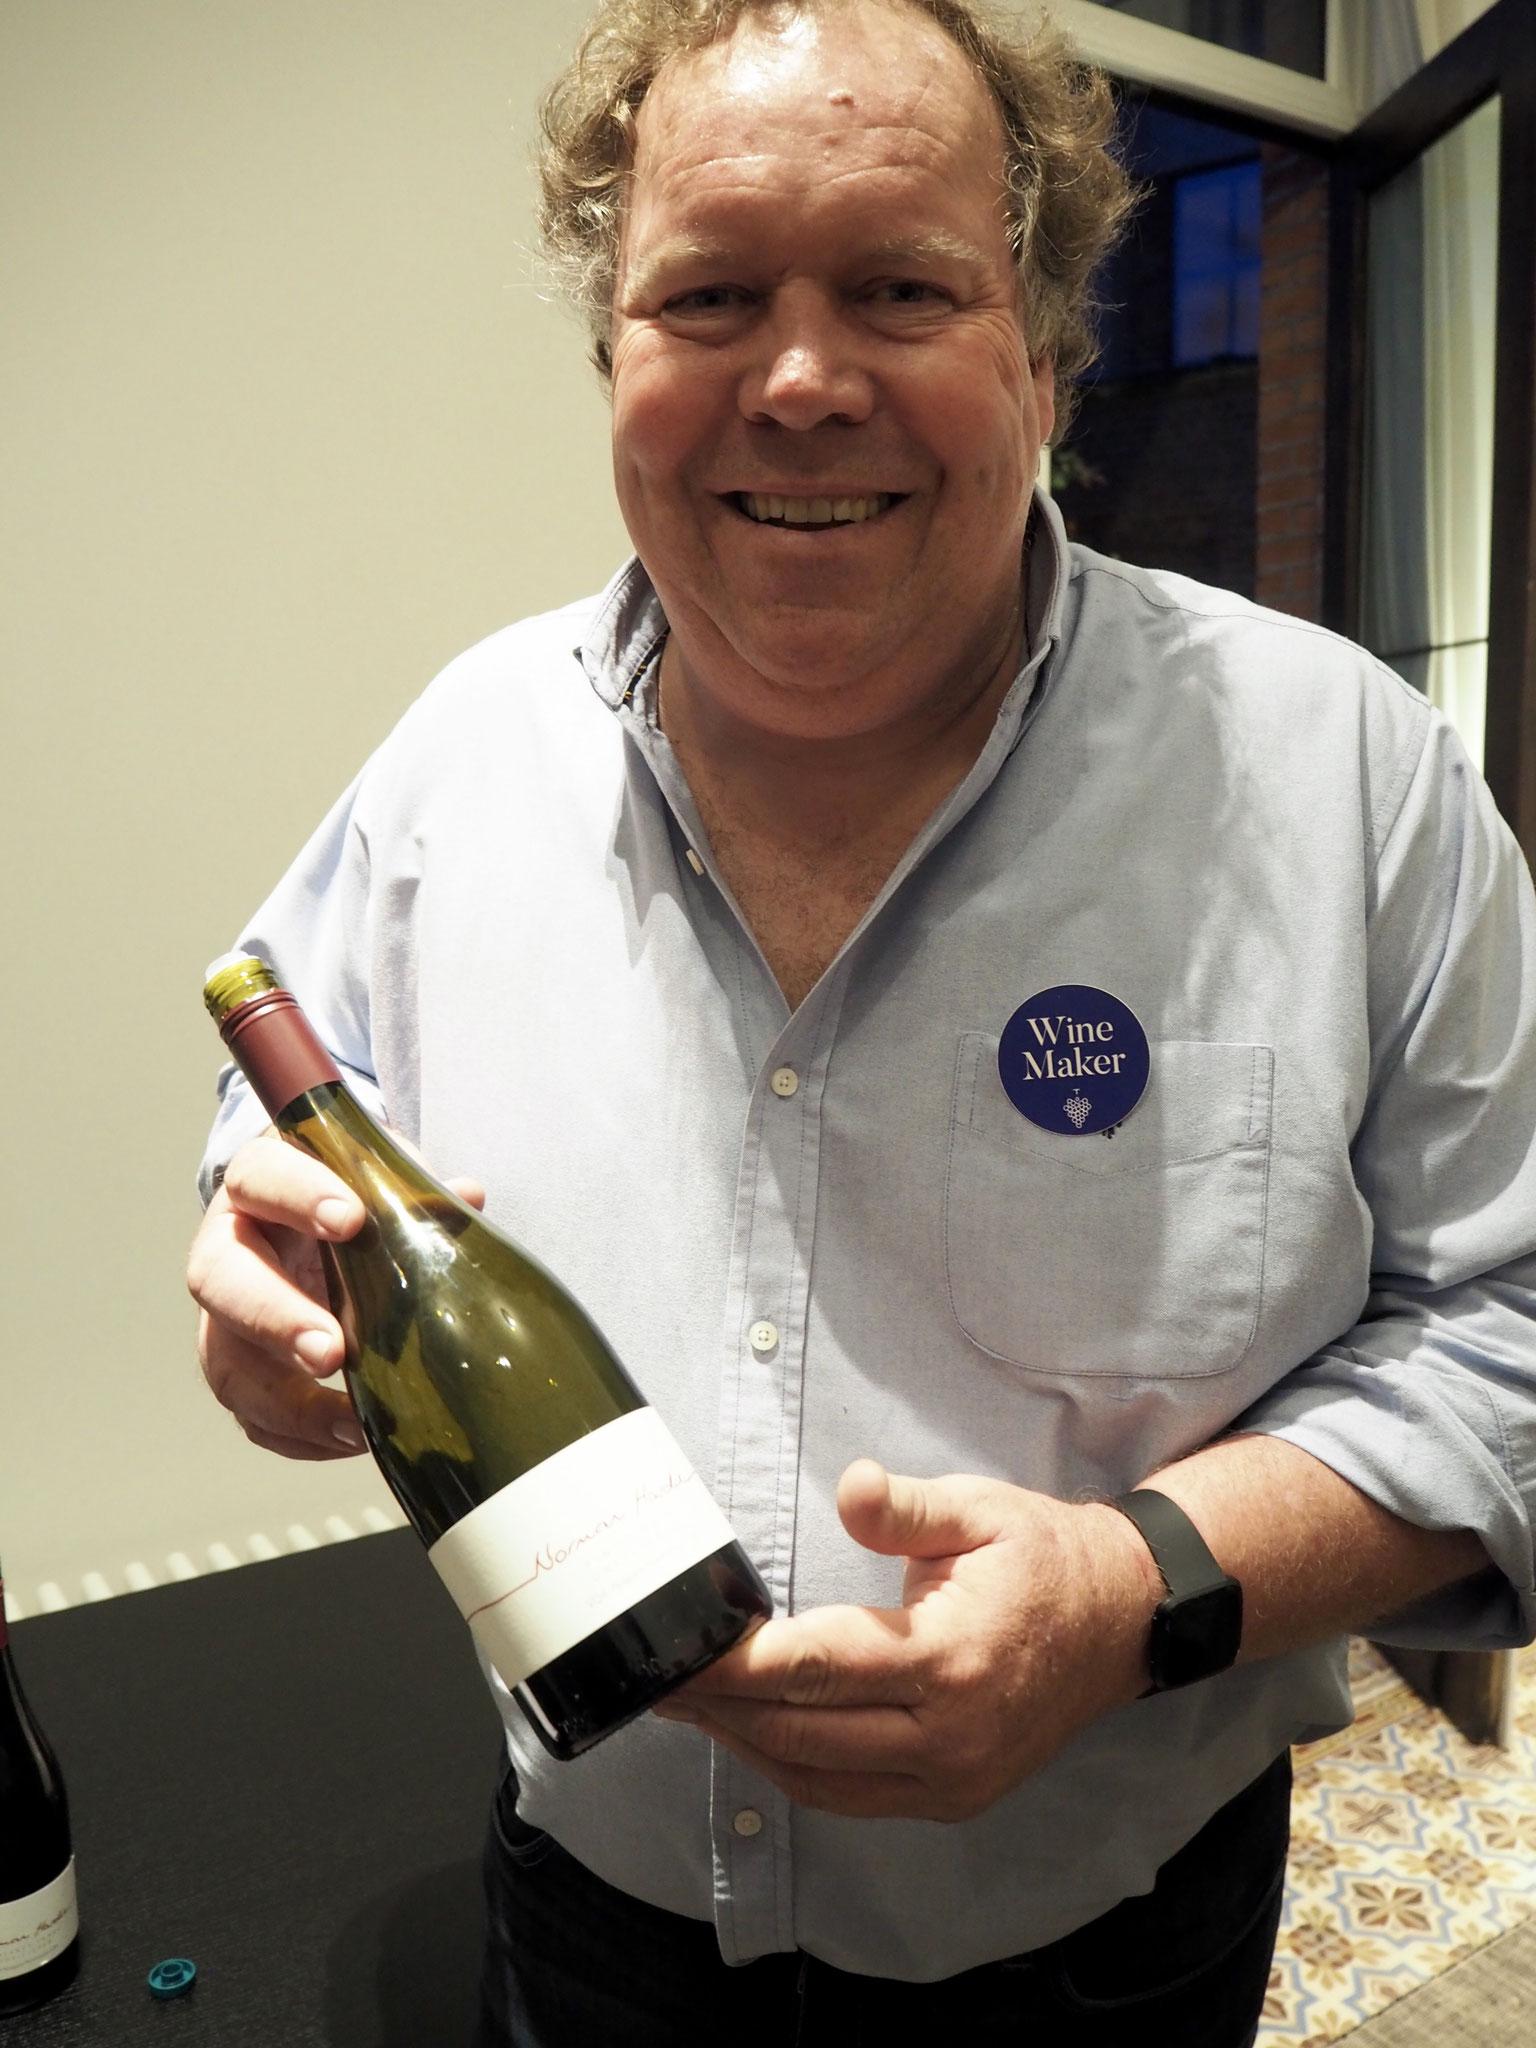 Norman Hardie uit Ontario Canada maakt geweldig goede wijn: county chardonnay unfiltered is breed en c complex. Cab franc :A+ rijp fruit, fris, diep, complex, lang